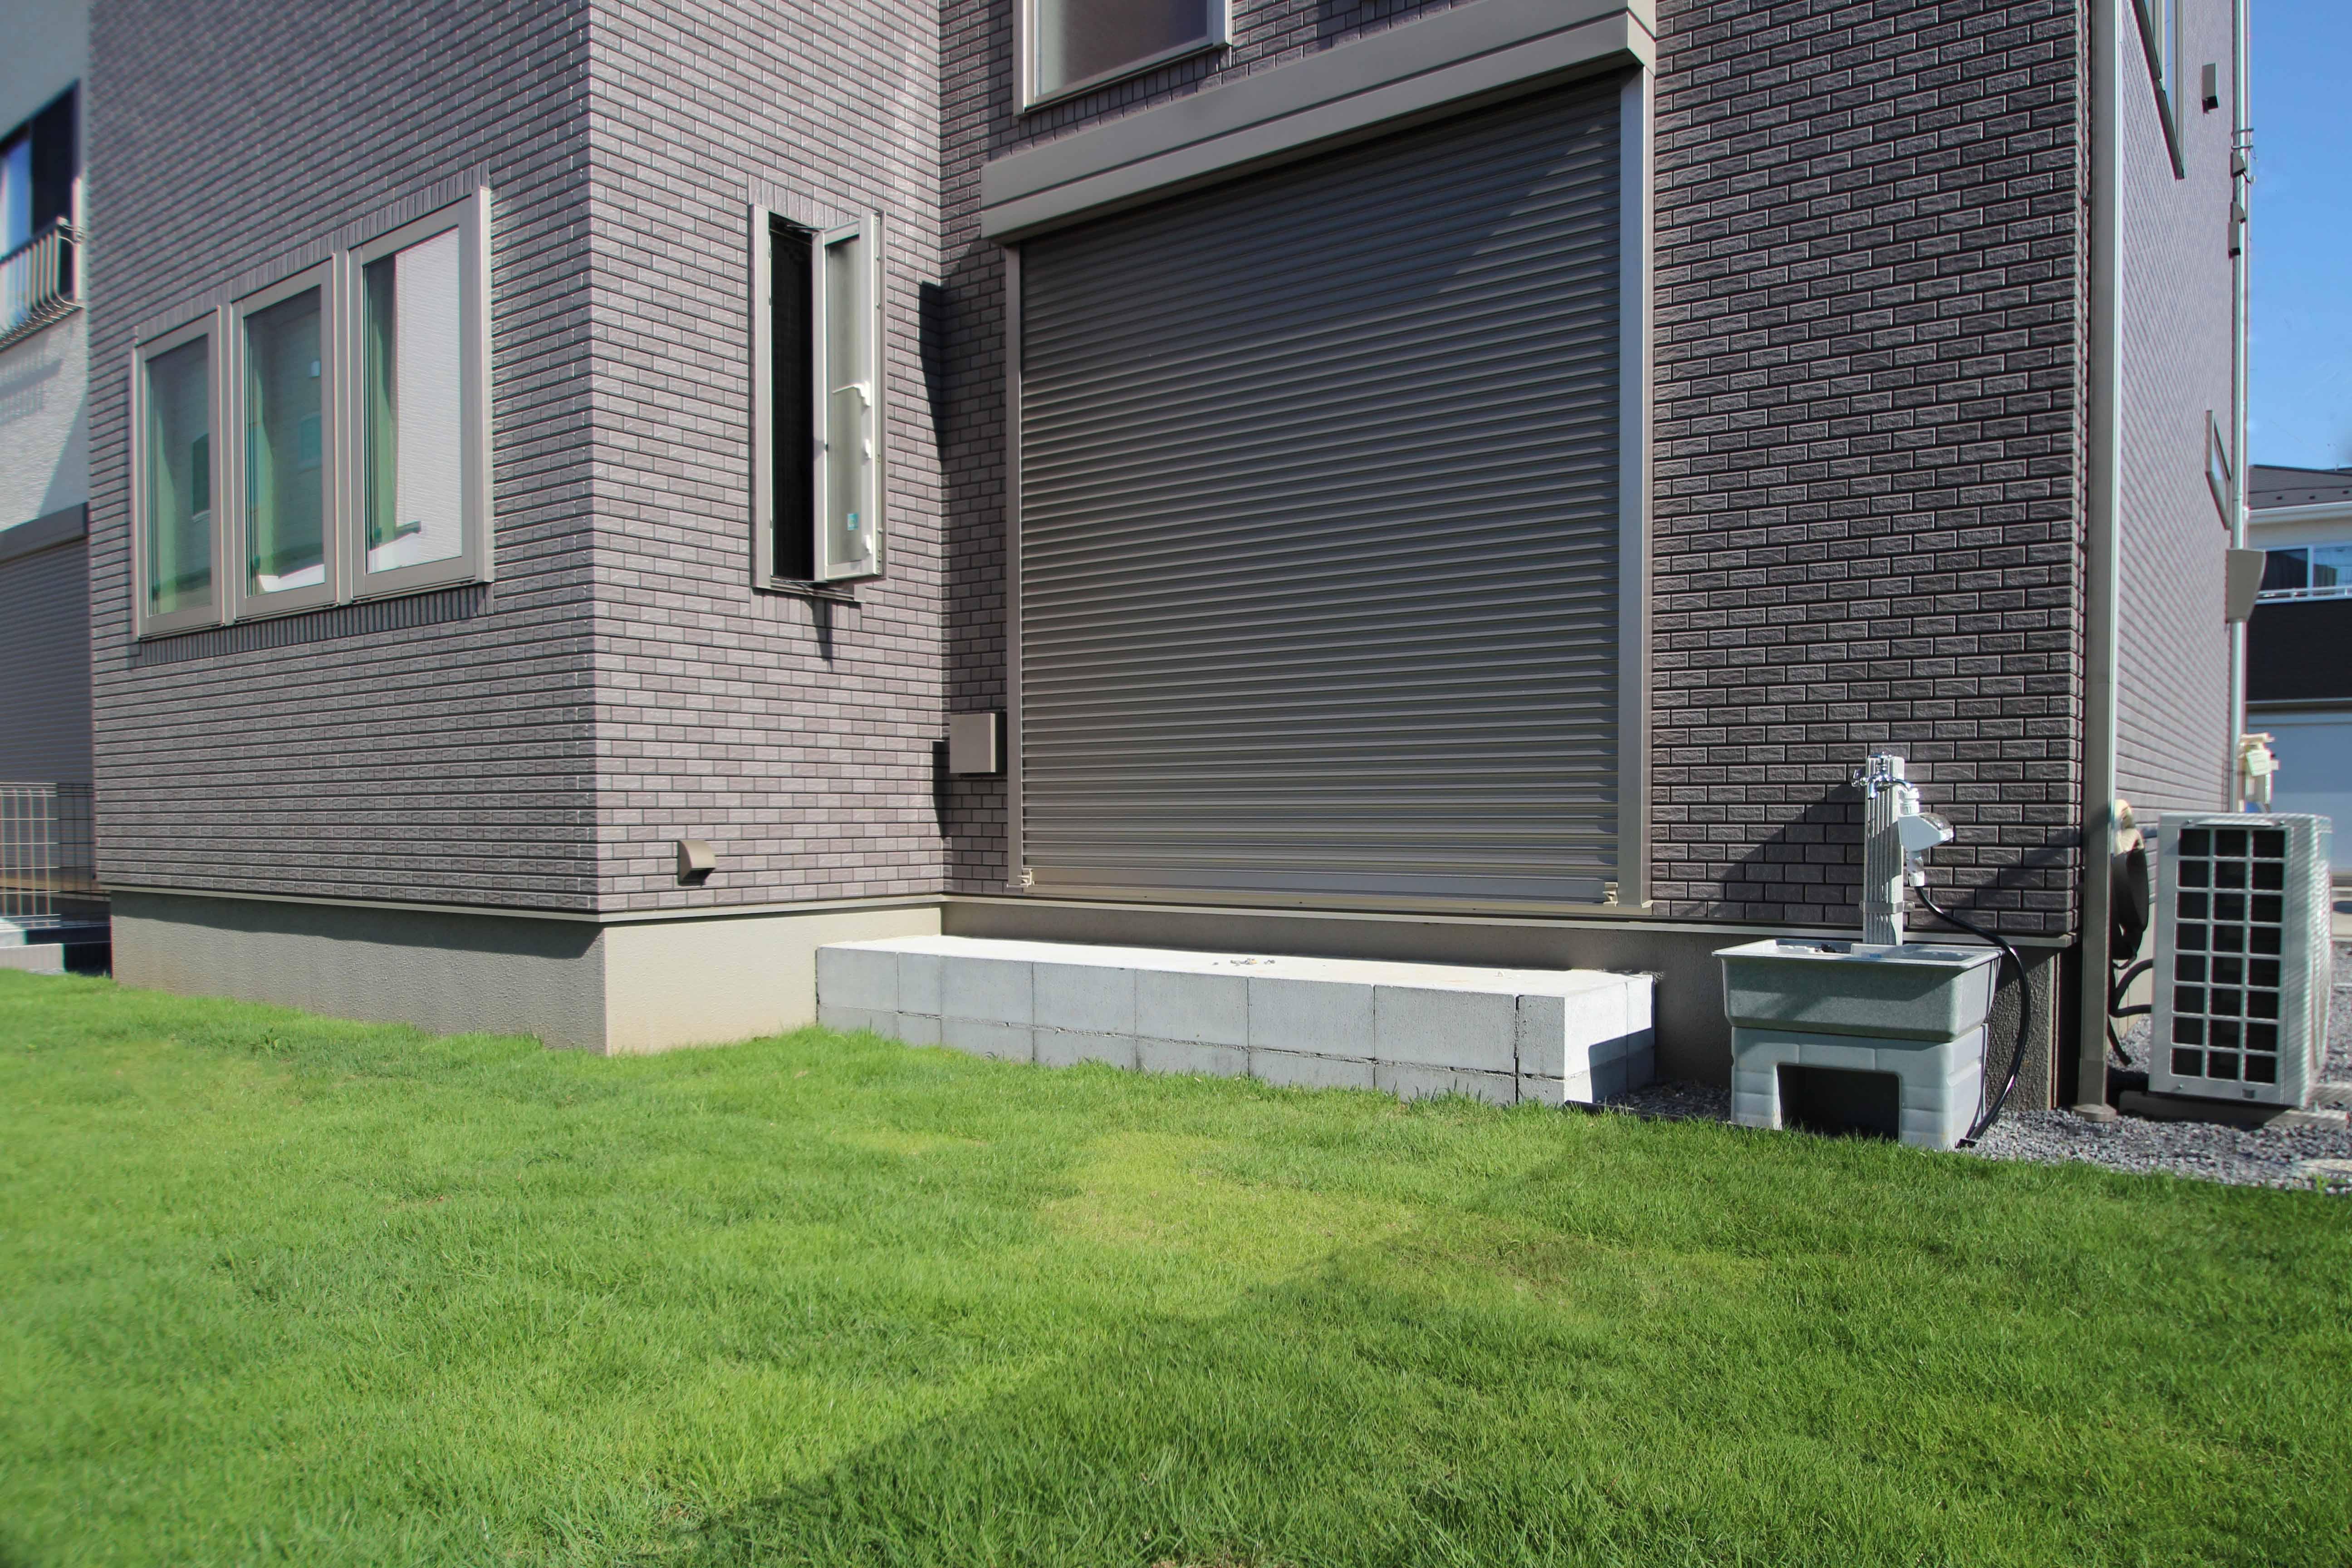 千葉市緑区。<br>スクリーンブロックの透け感で<br>すっきり美人な玄関廻り。12